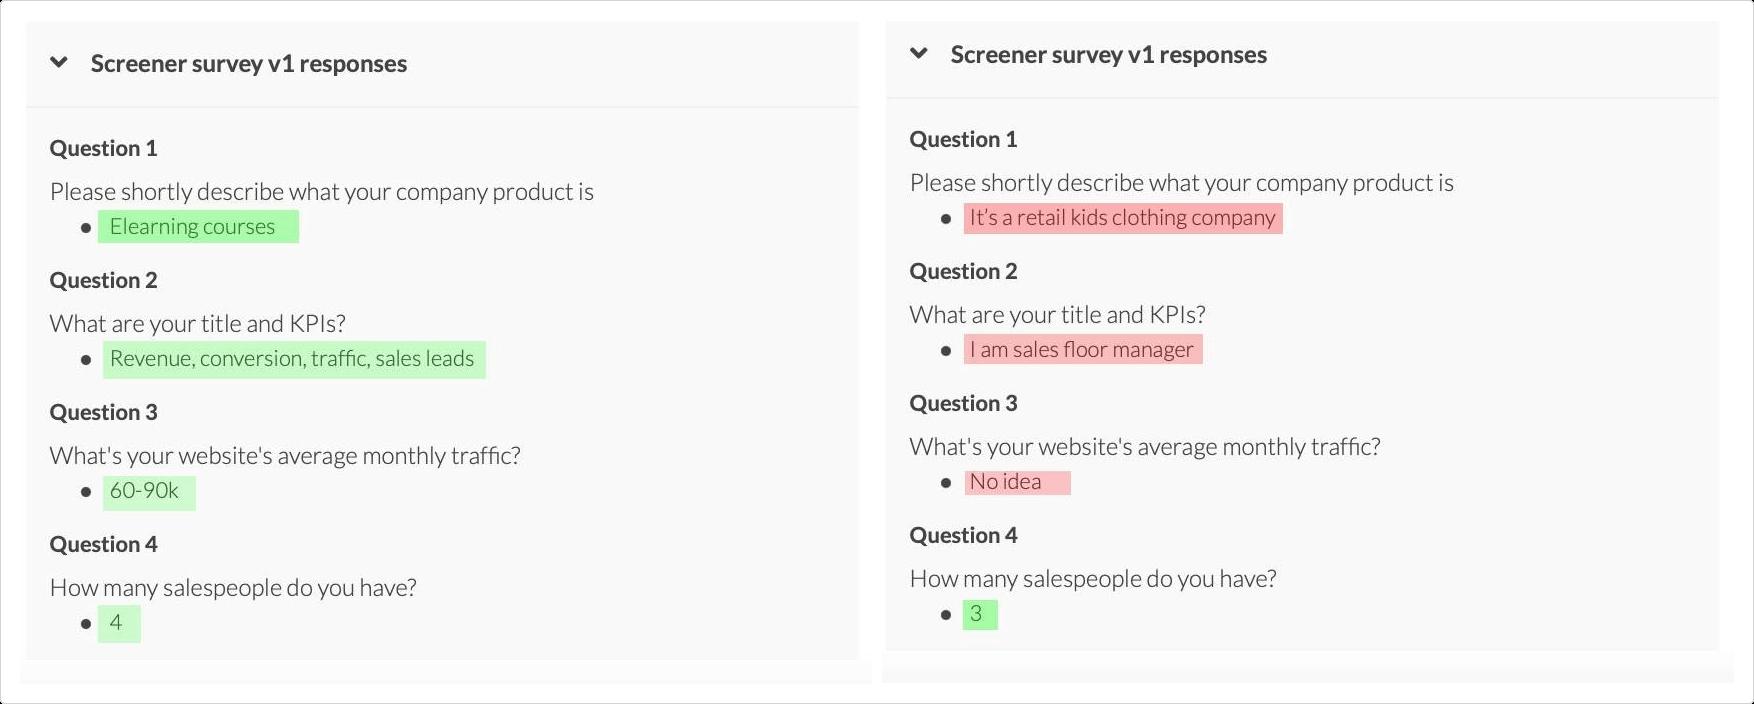 сравнение ответов респондентов